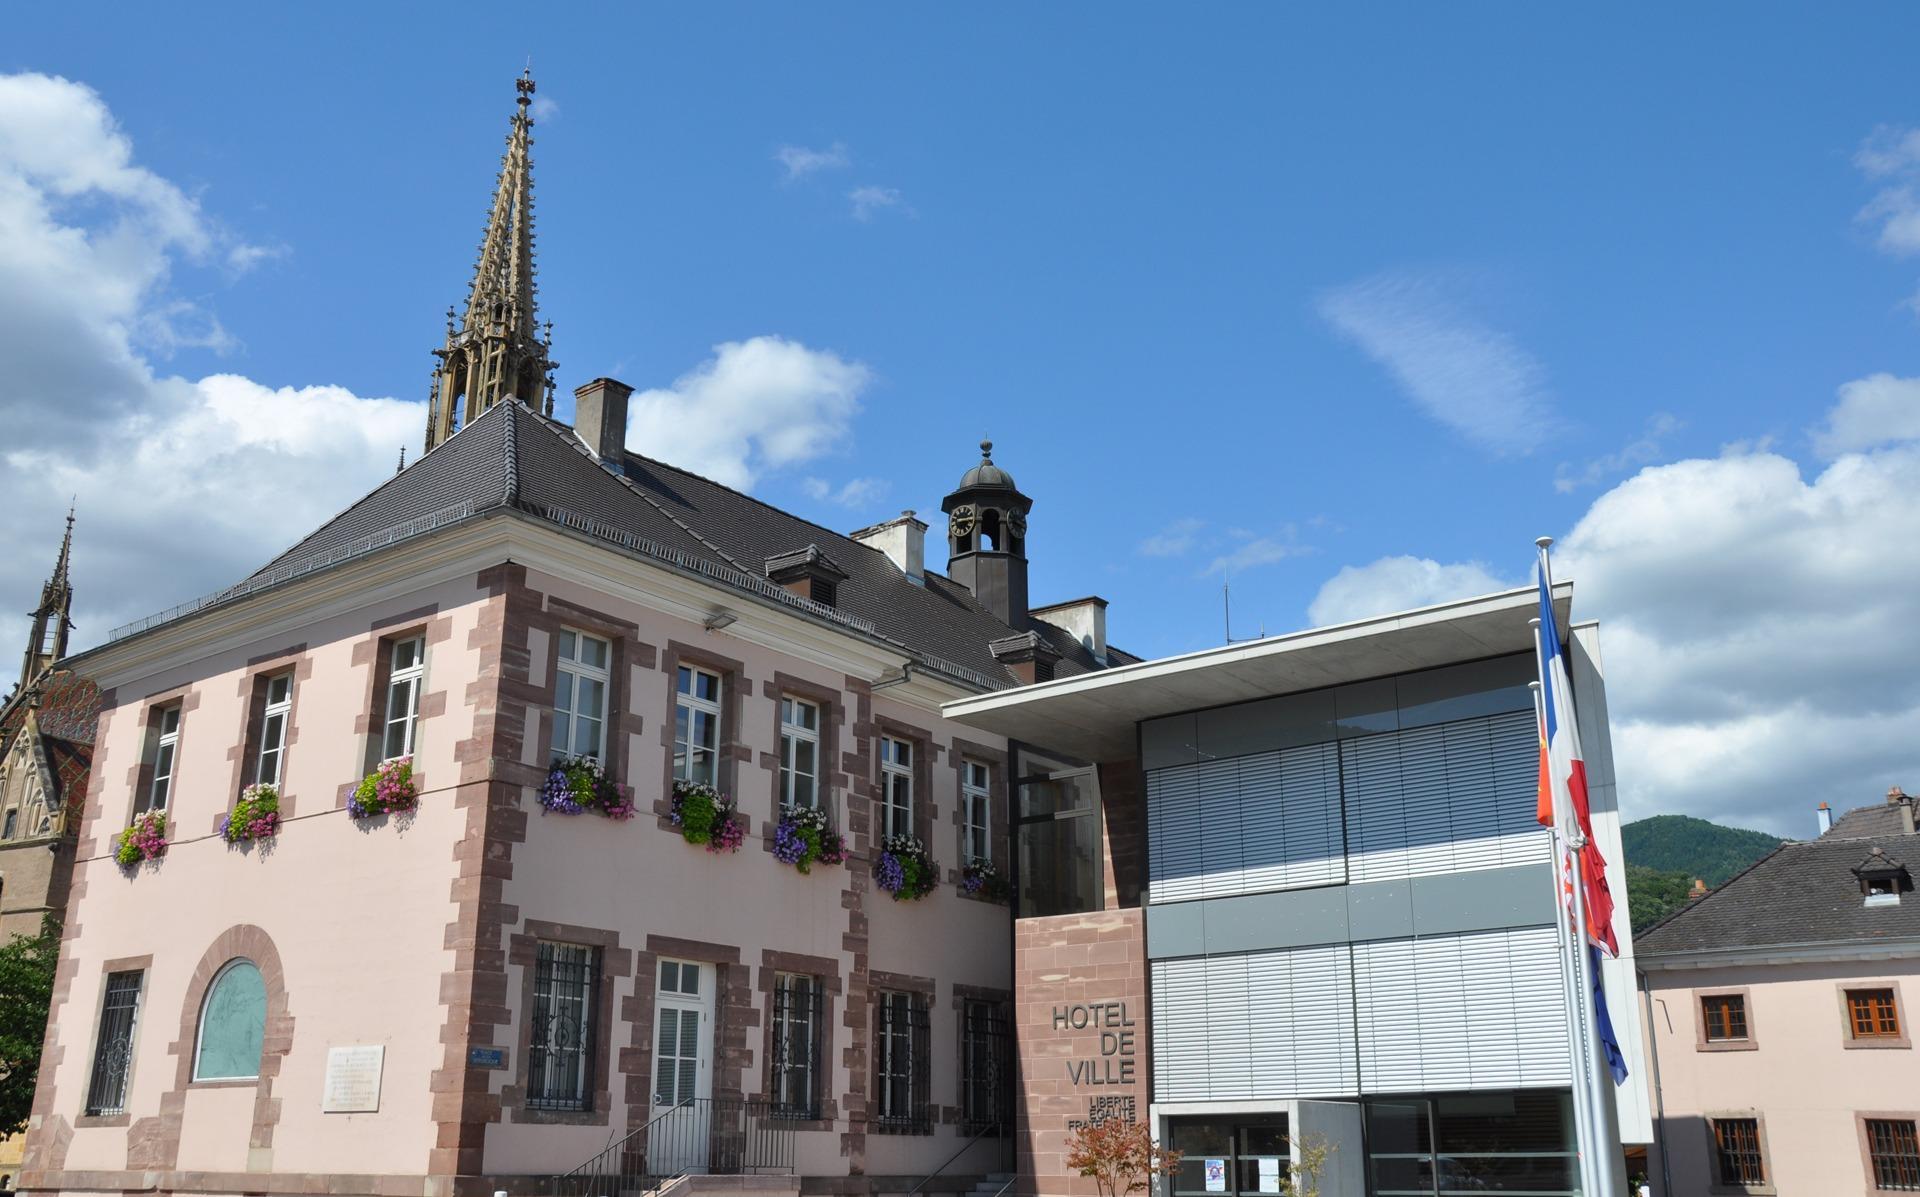 Thann-photo Hôtel de ville entree principale avec Collegiale en fond